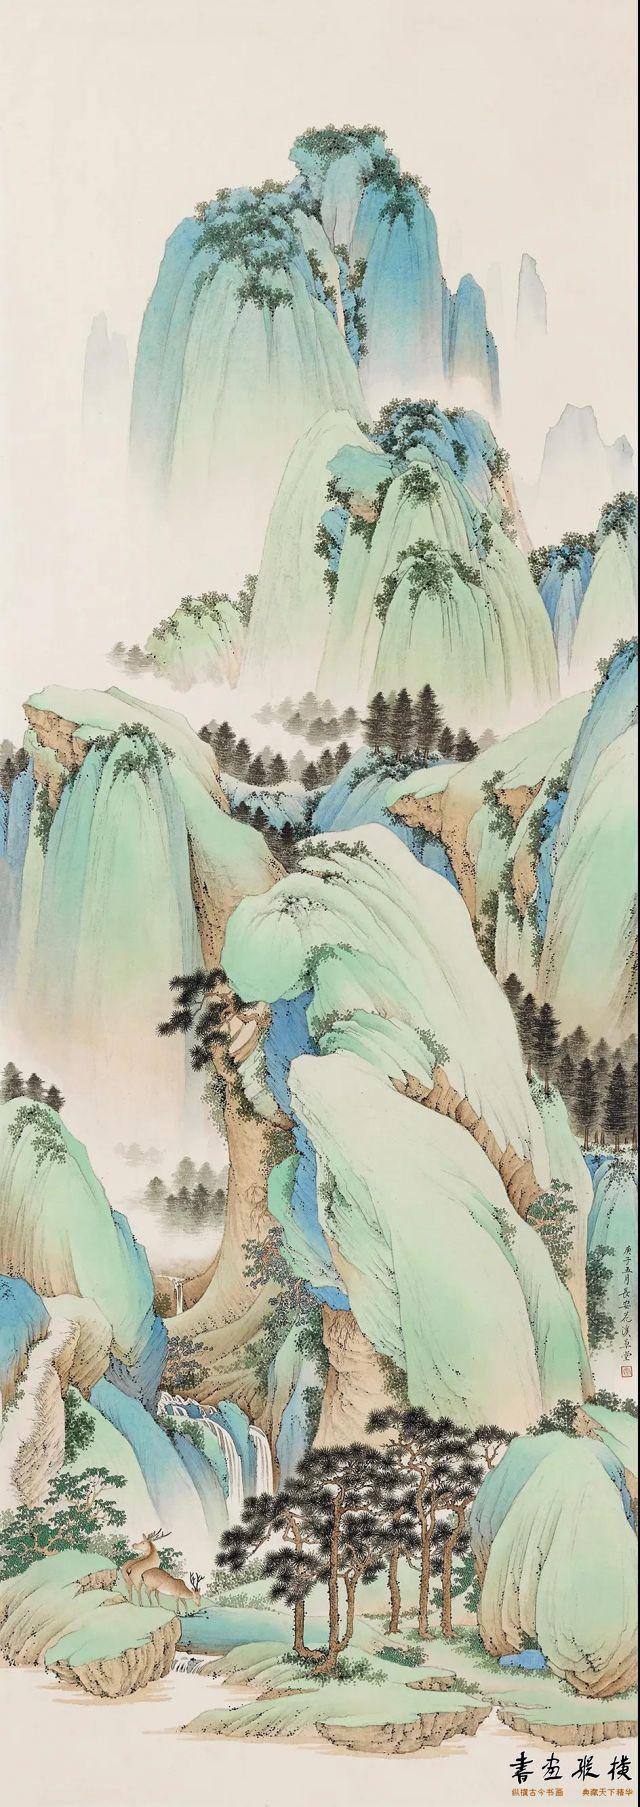 刘志明春山鹿鸣97cm×34cm纸本设色2020年